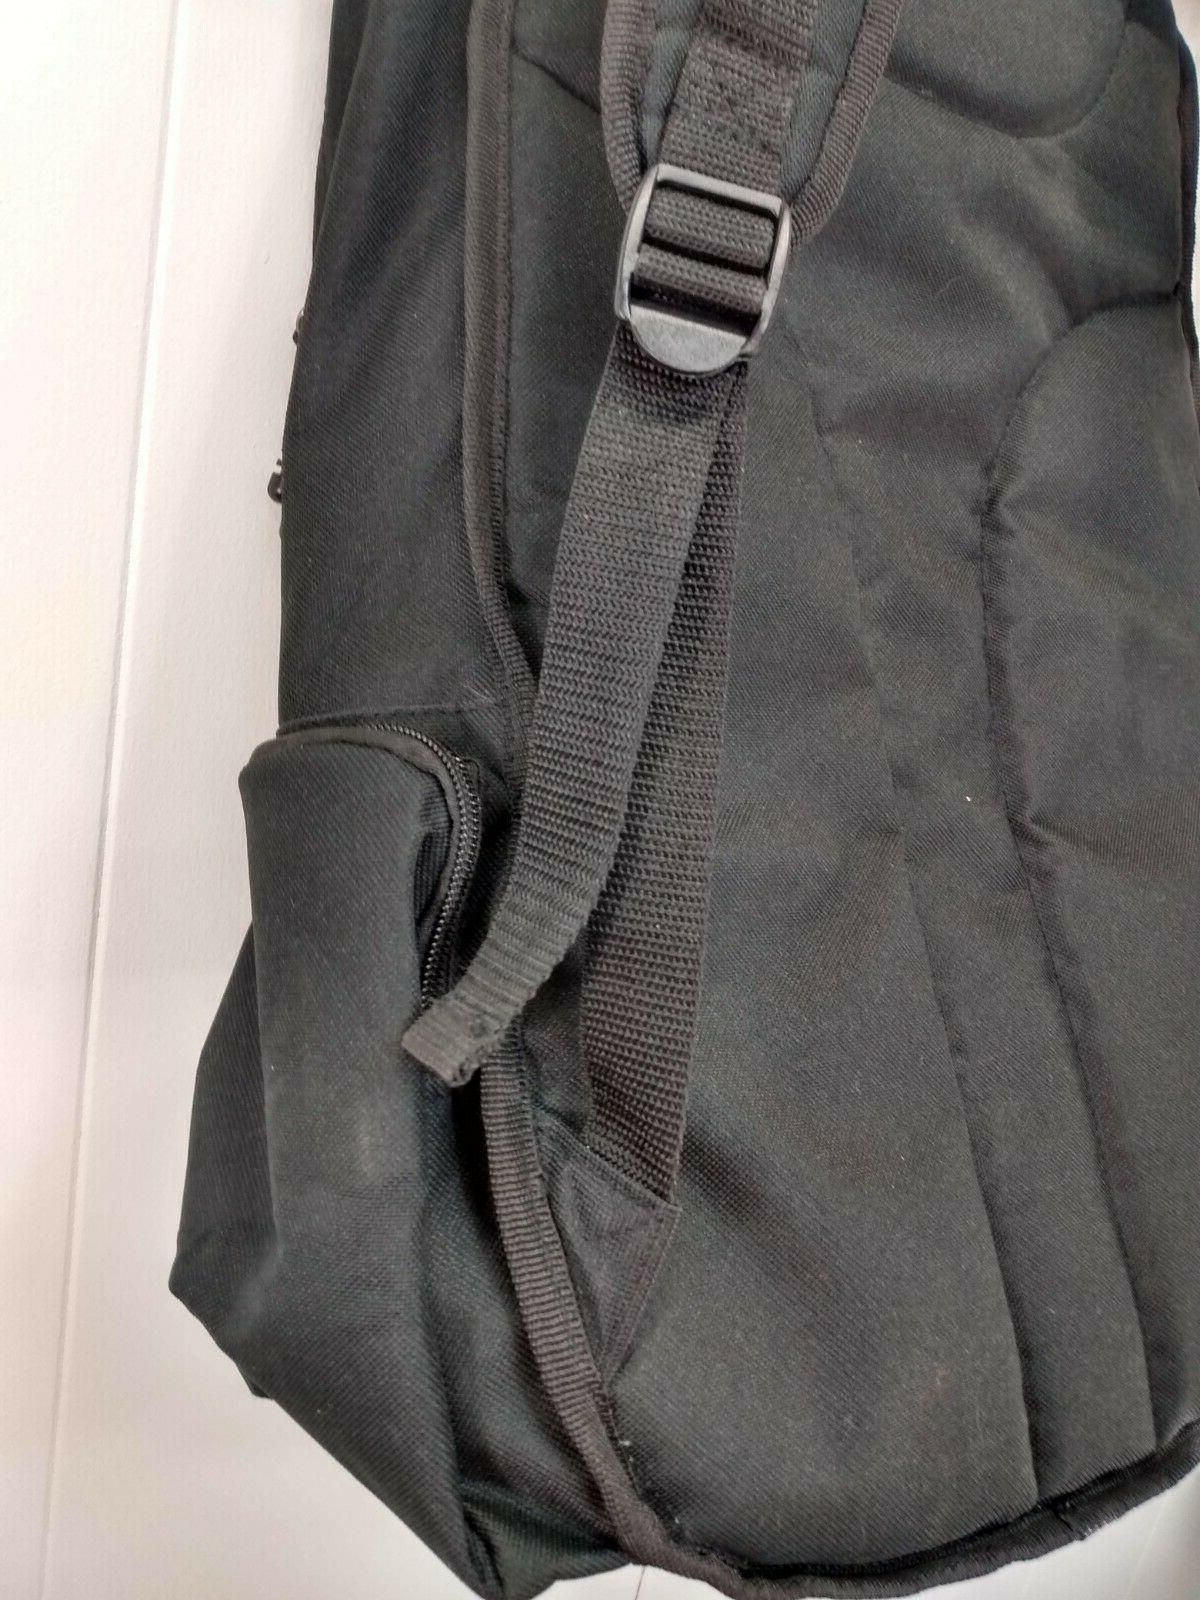 Harley Davidson NWOT Black Backpack Laptop Compartment